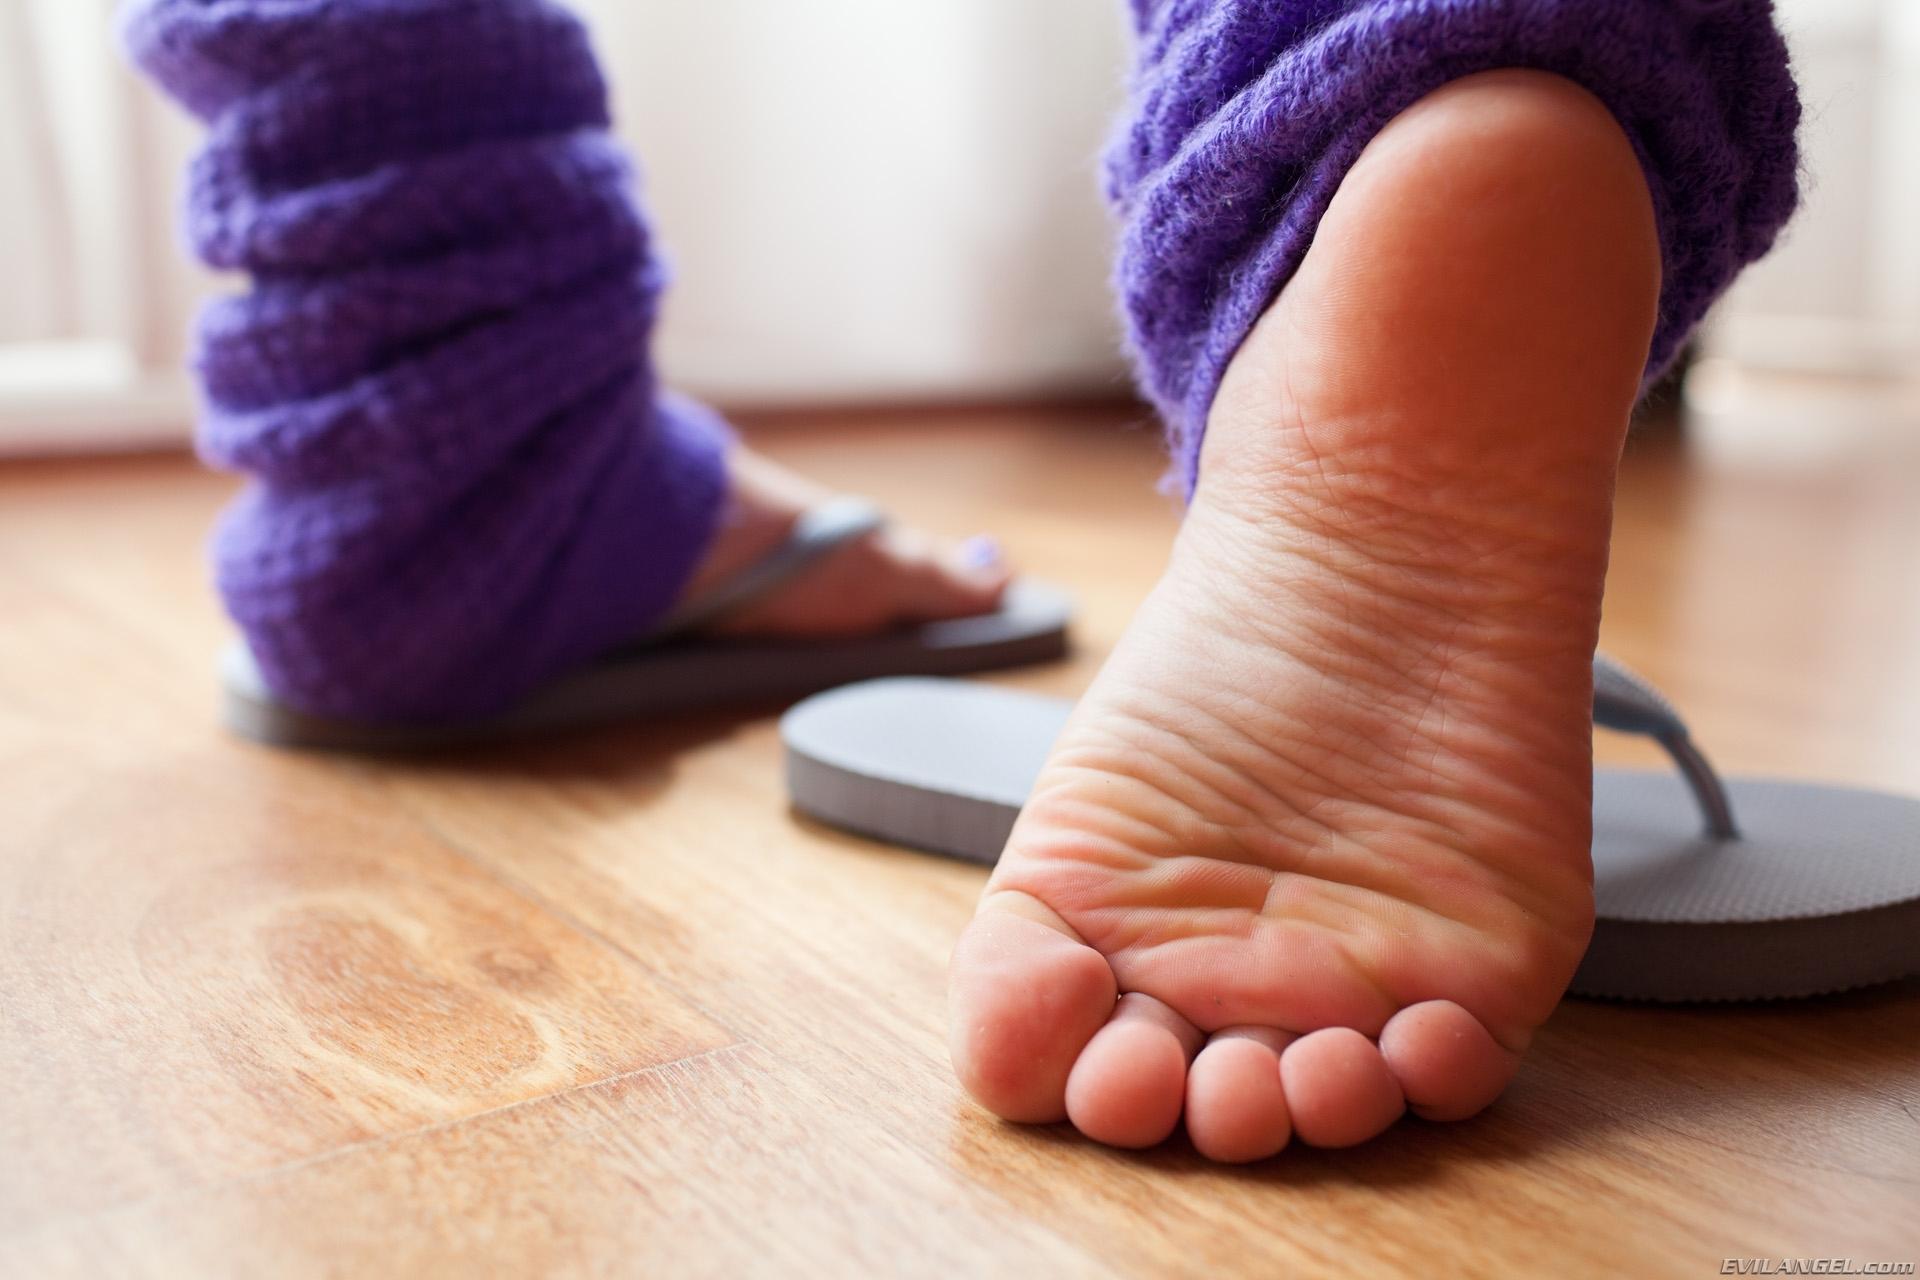 gabriella paltrova feet